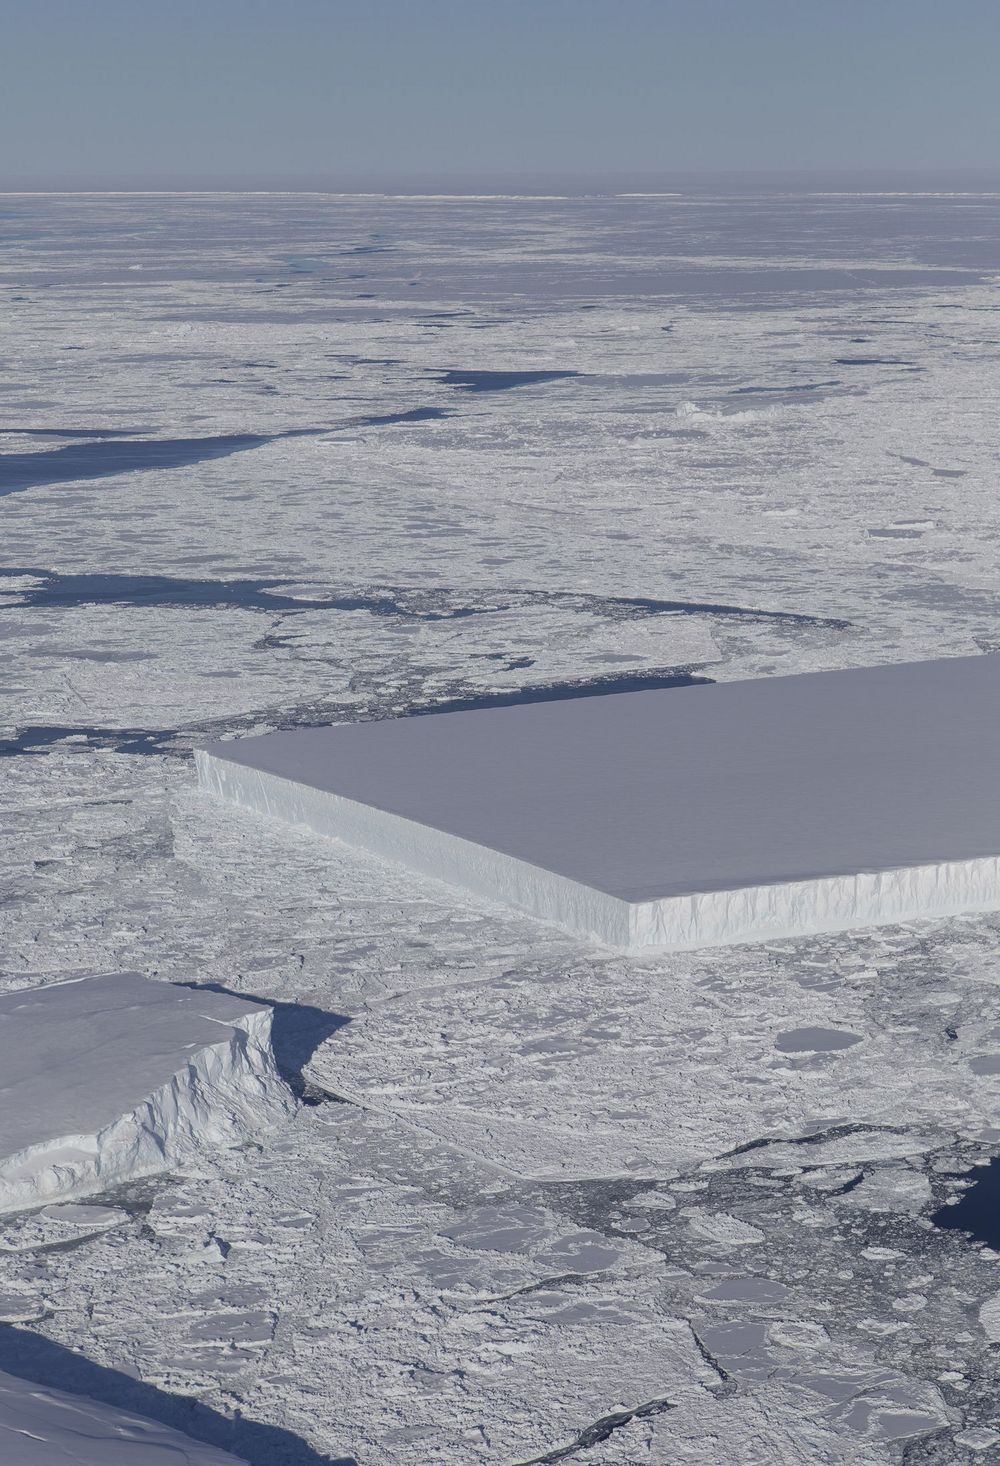 【モノリス】南極に「ヤバイ物」が出現してしまう…これは人類への何かメッセージなのか?